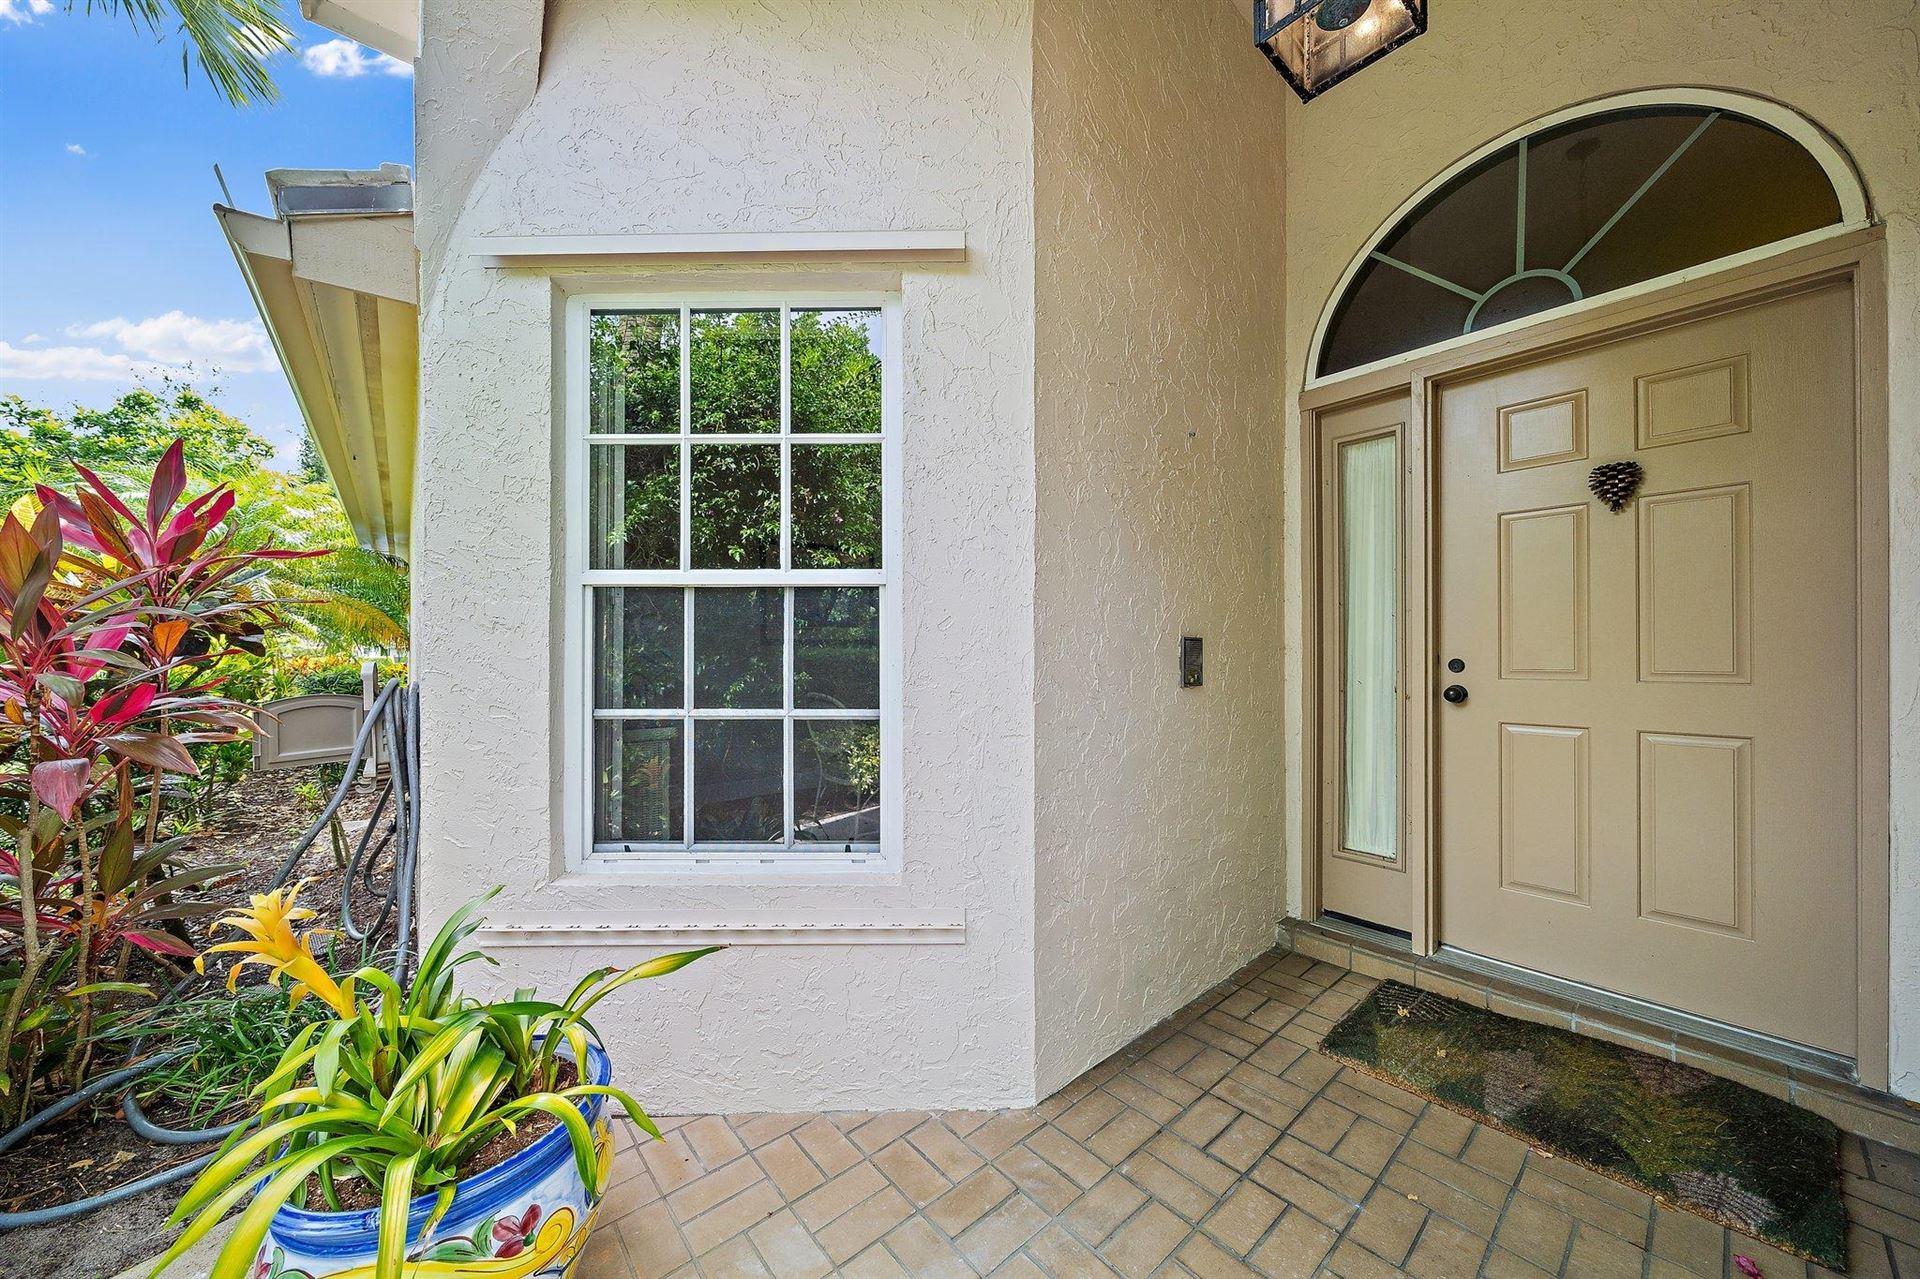 Photo of 16570 Riverwind Court, Jupiter, FL 33477 (MLS # RX-10735558)